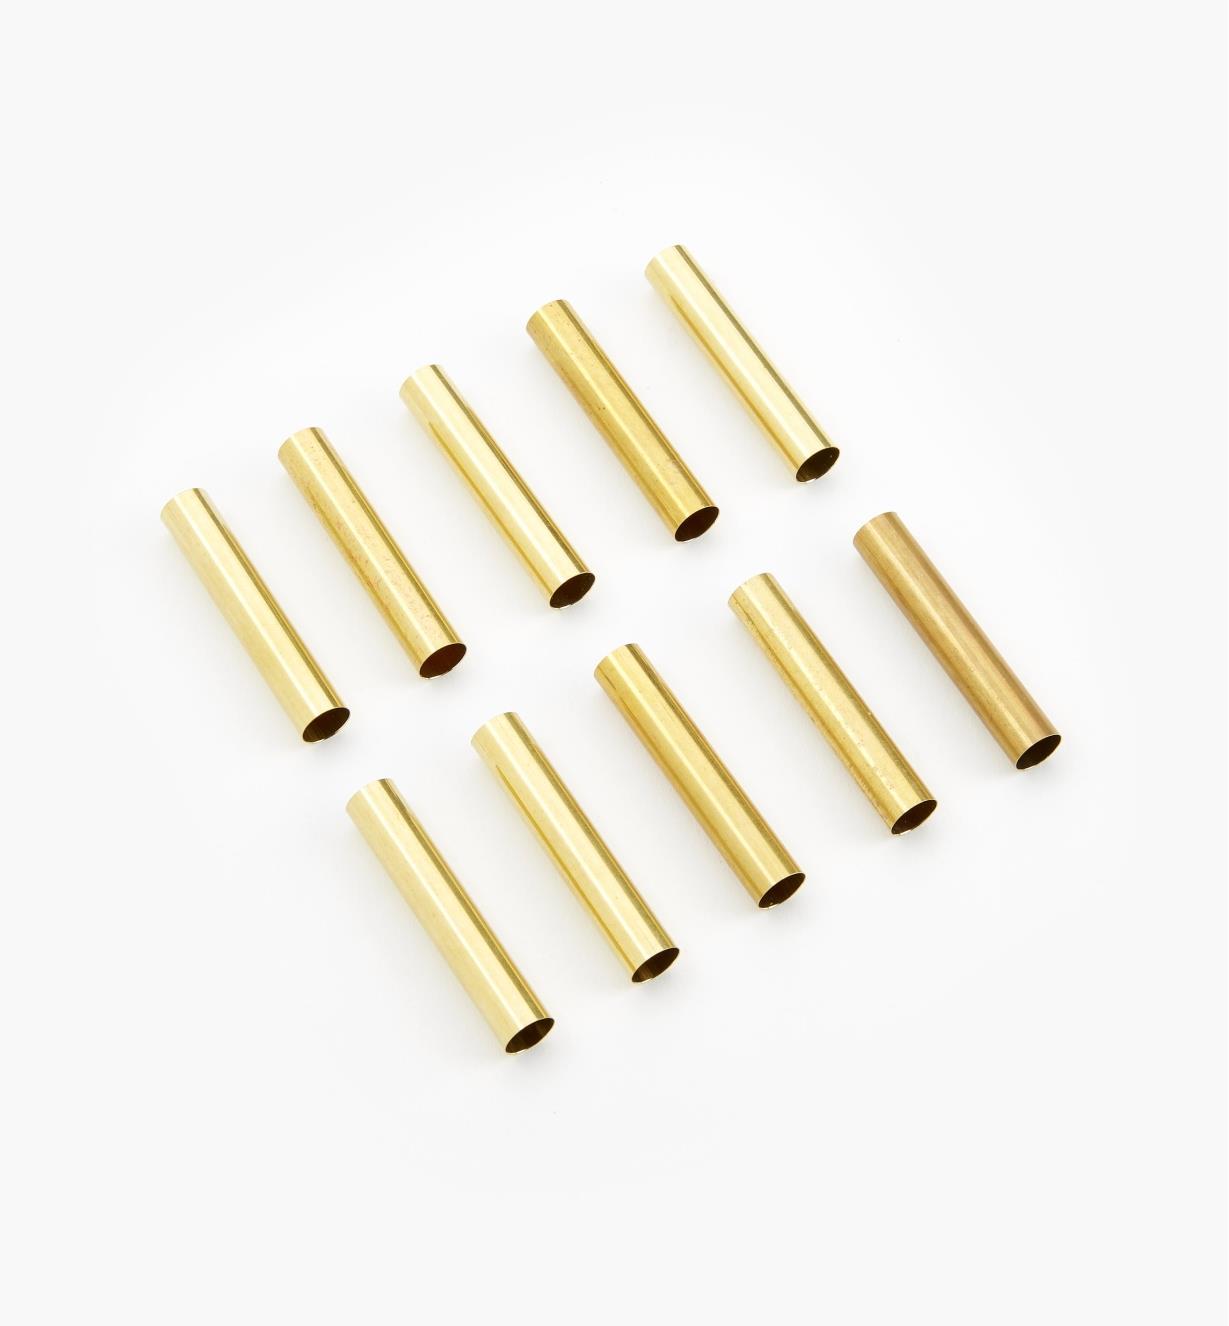 88K7844 - Tubes de remplacement pour 5 stylos à bille roulante ou stylos-plumes